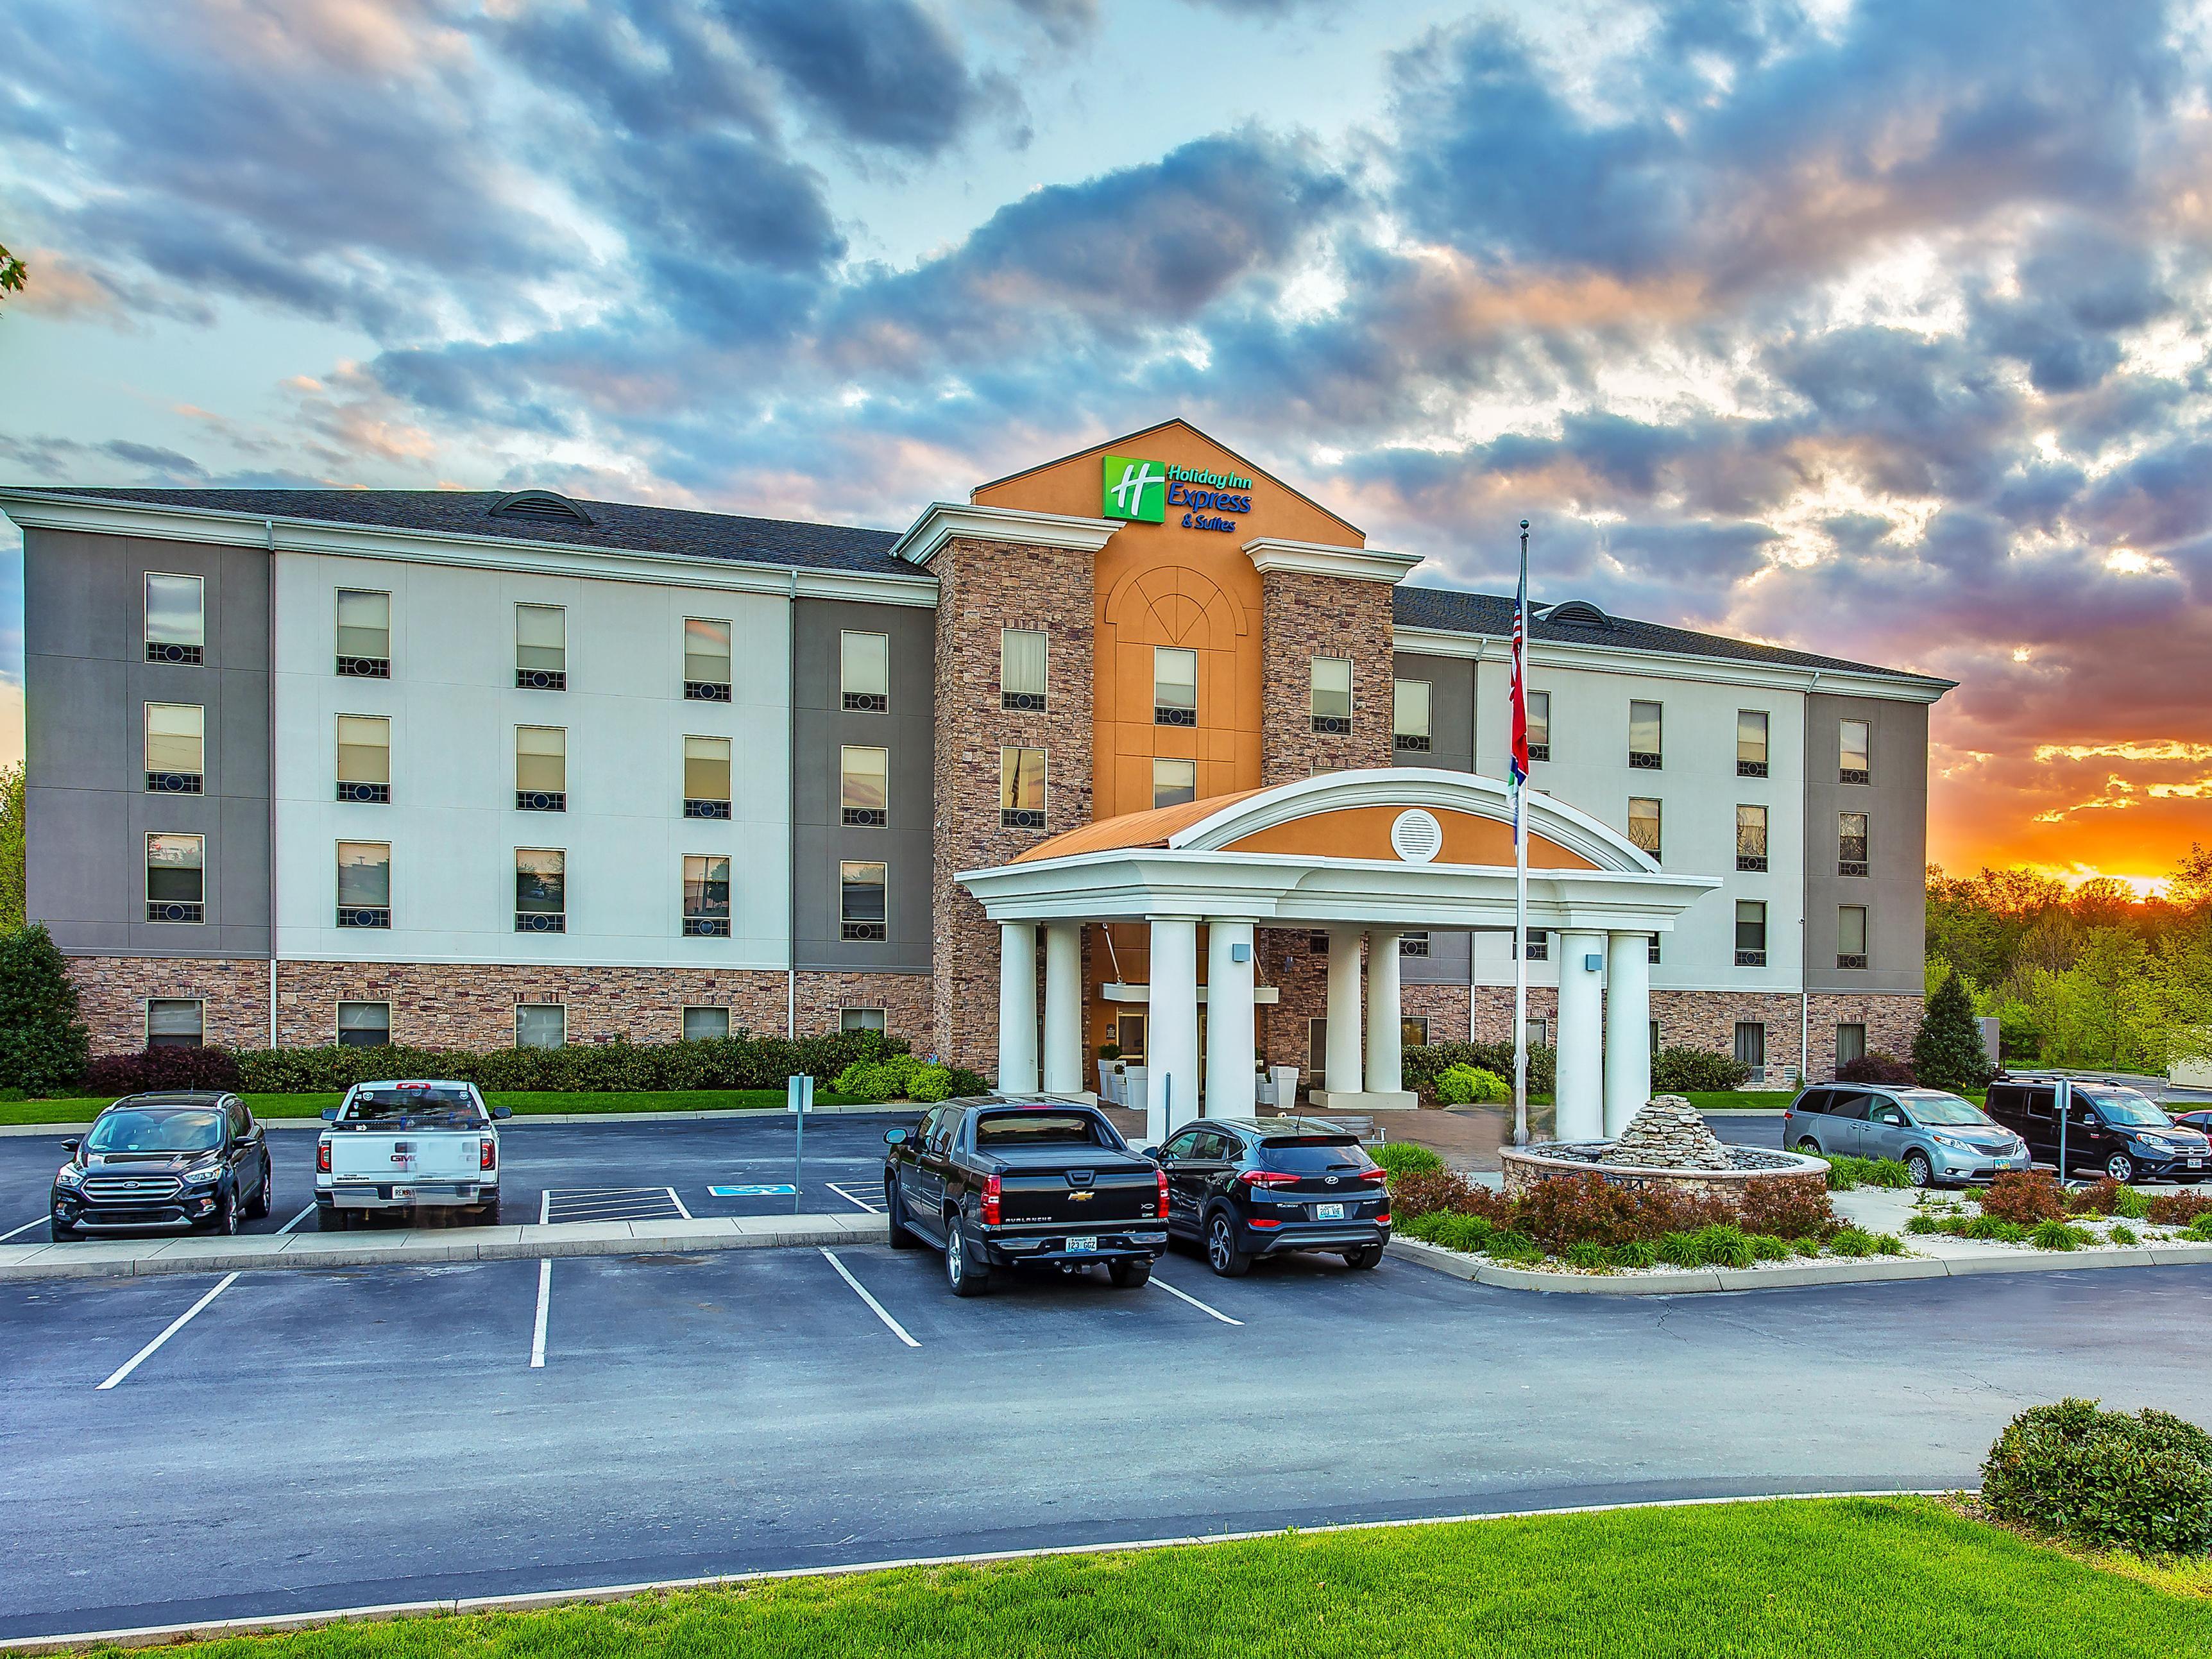 hotels near morristown nj